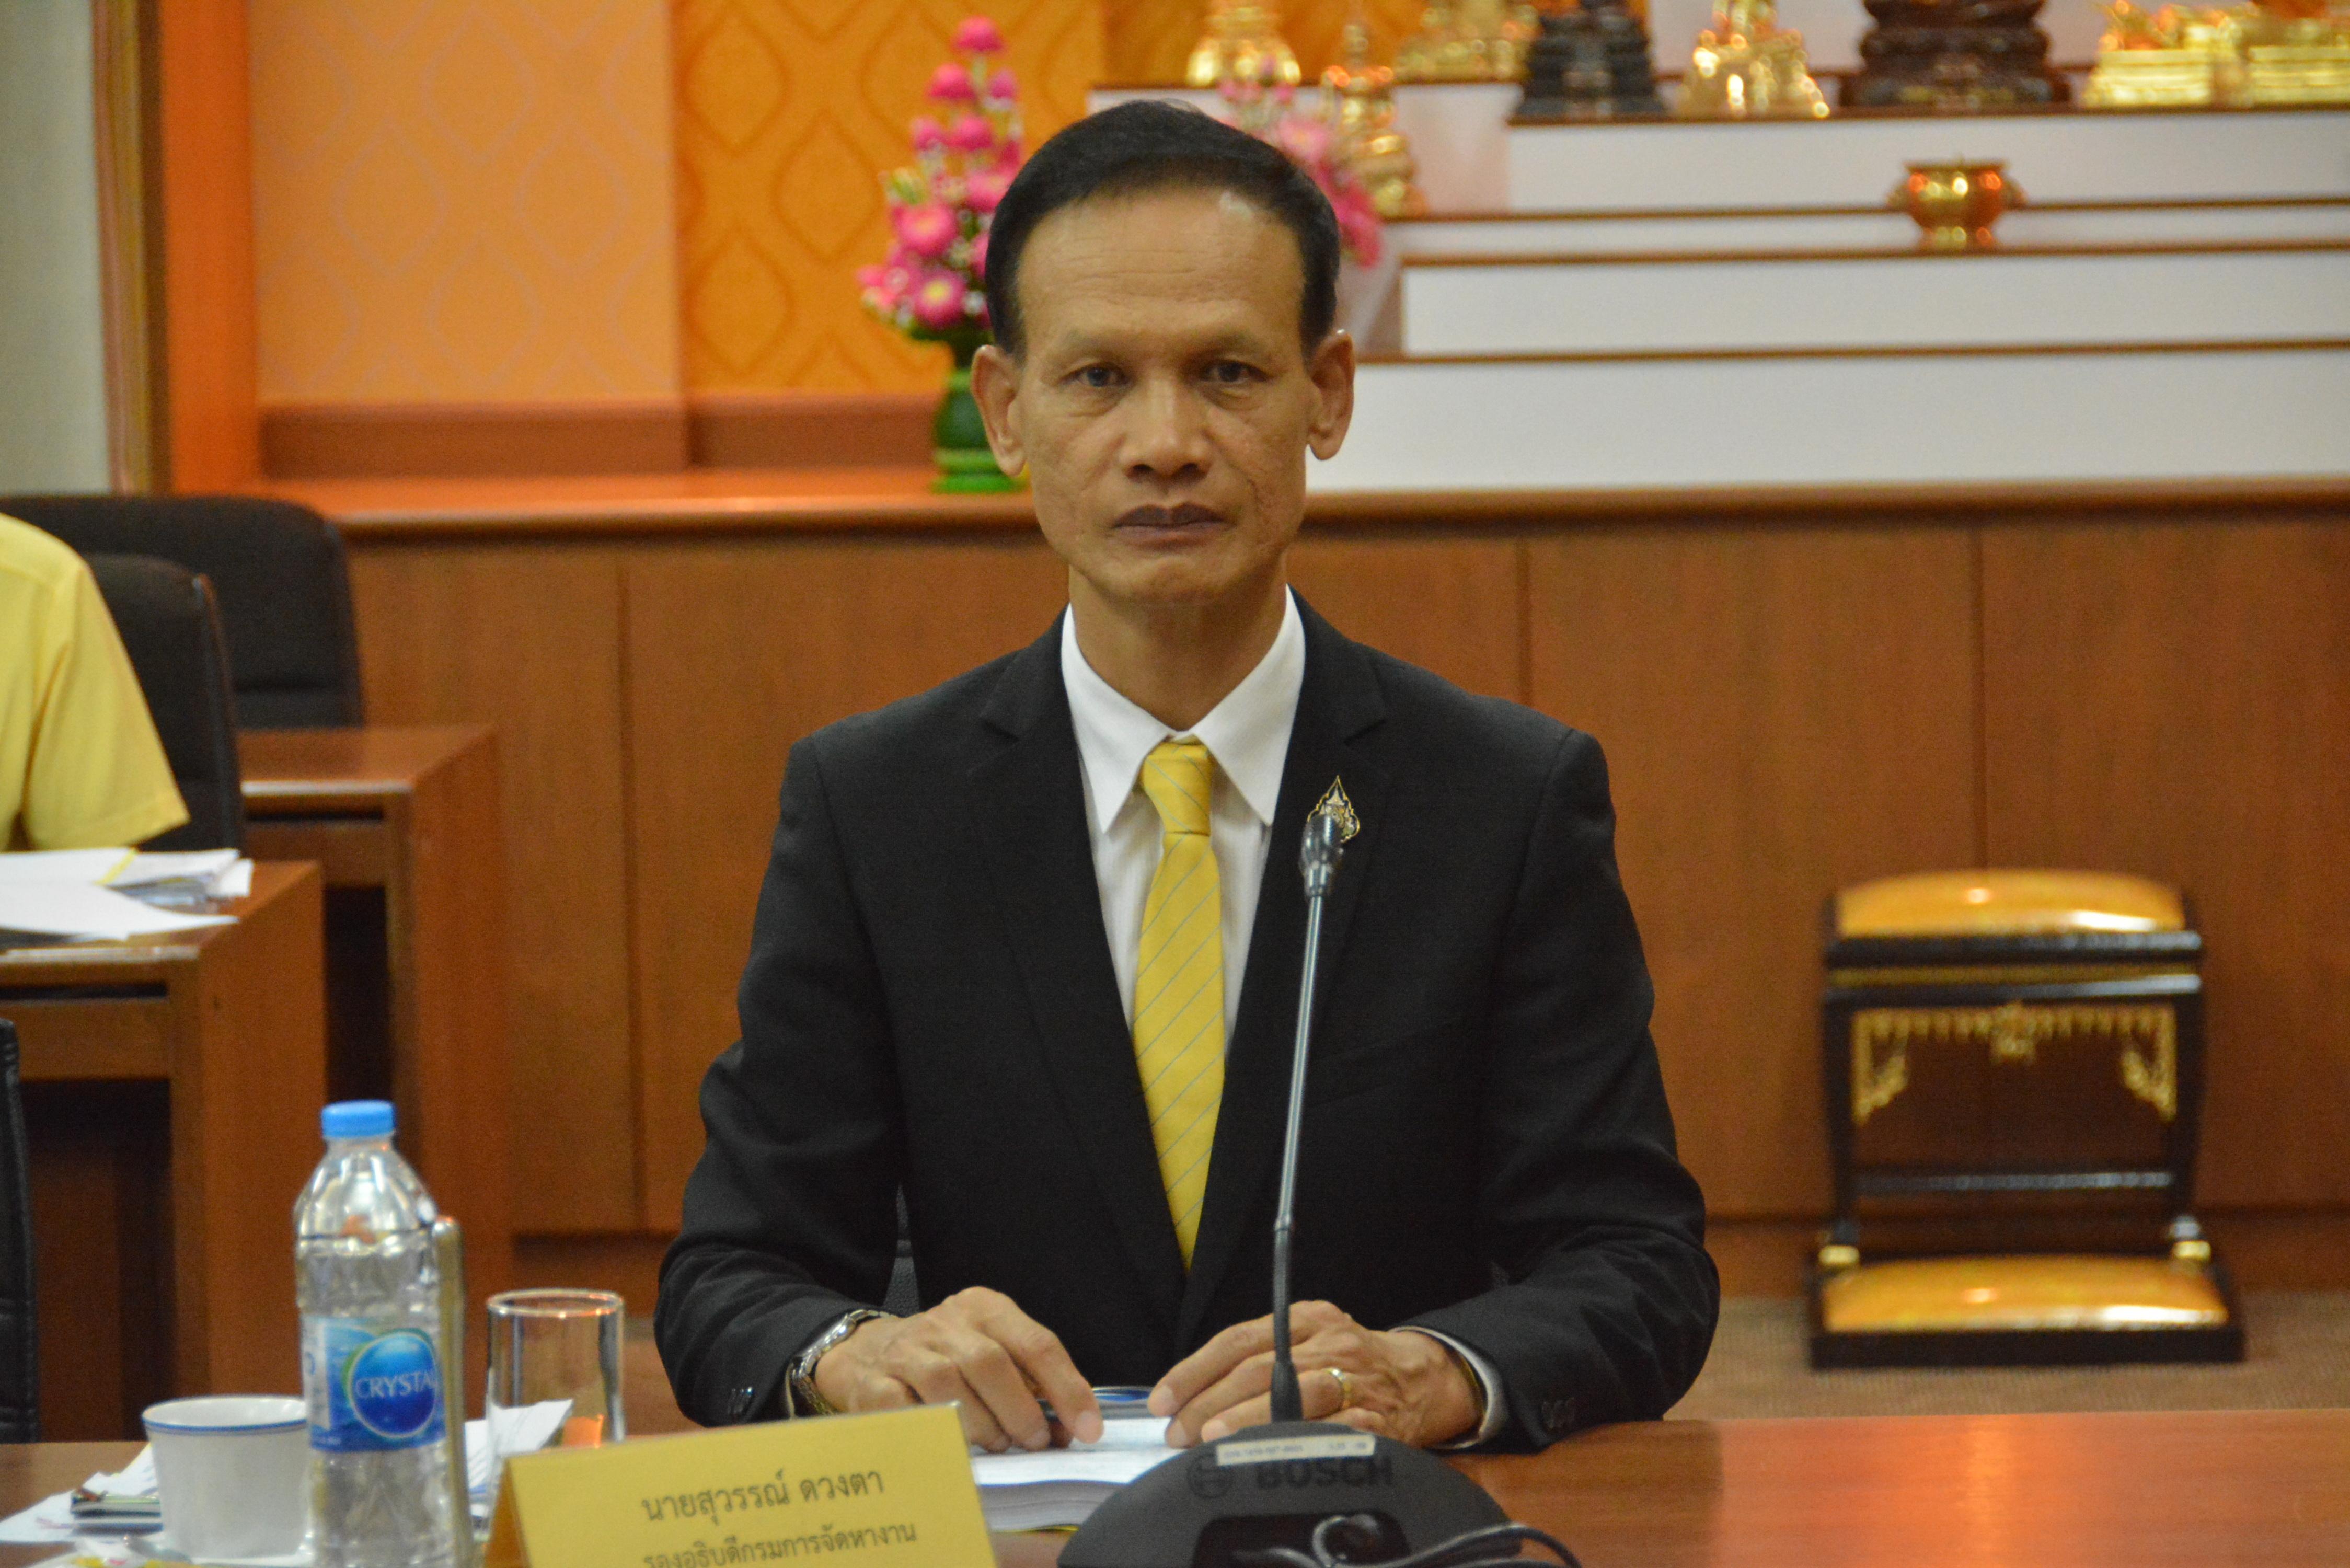 การประชุมคณะกรรมการพิจารณาการดำเนินงานขององค์การเอกชนต่างประเทศ ครั้งที่ 3/2562